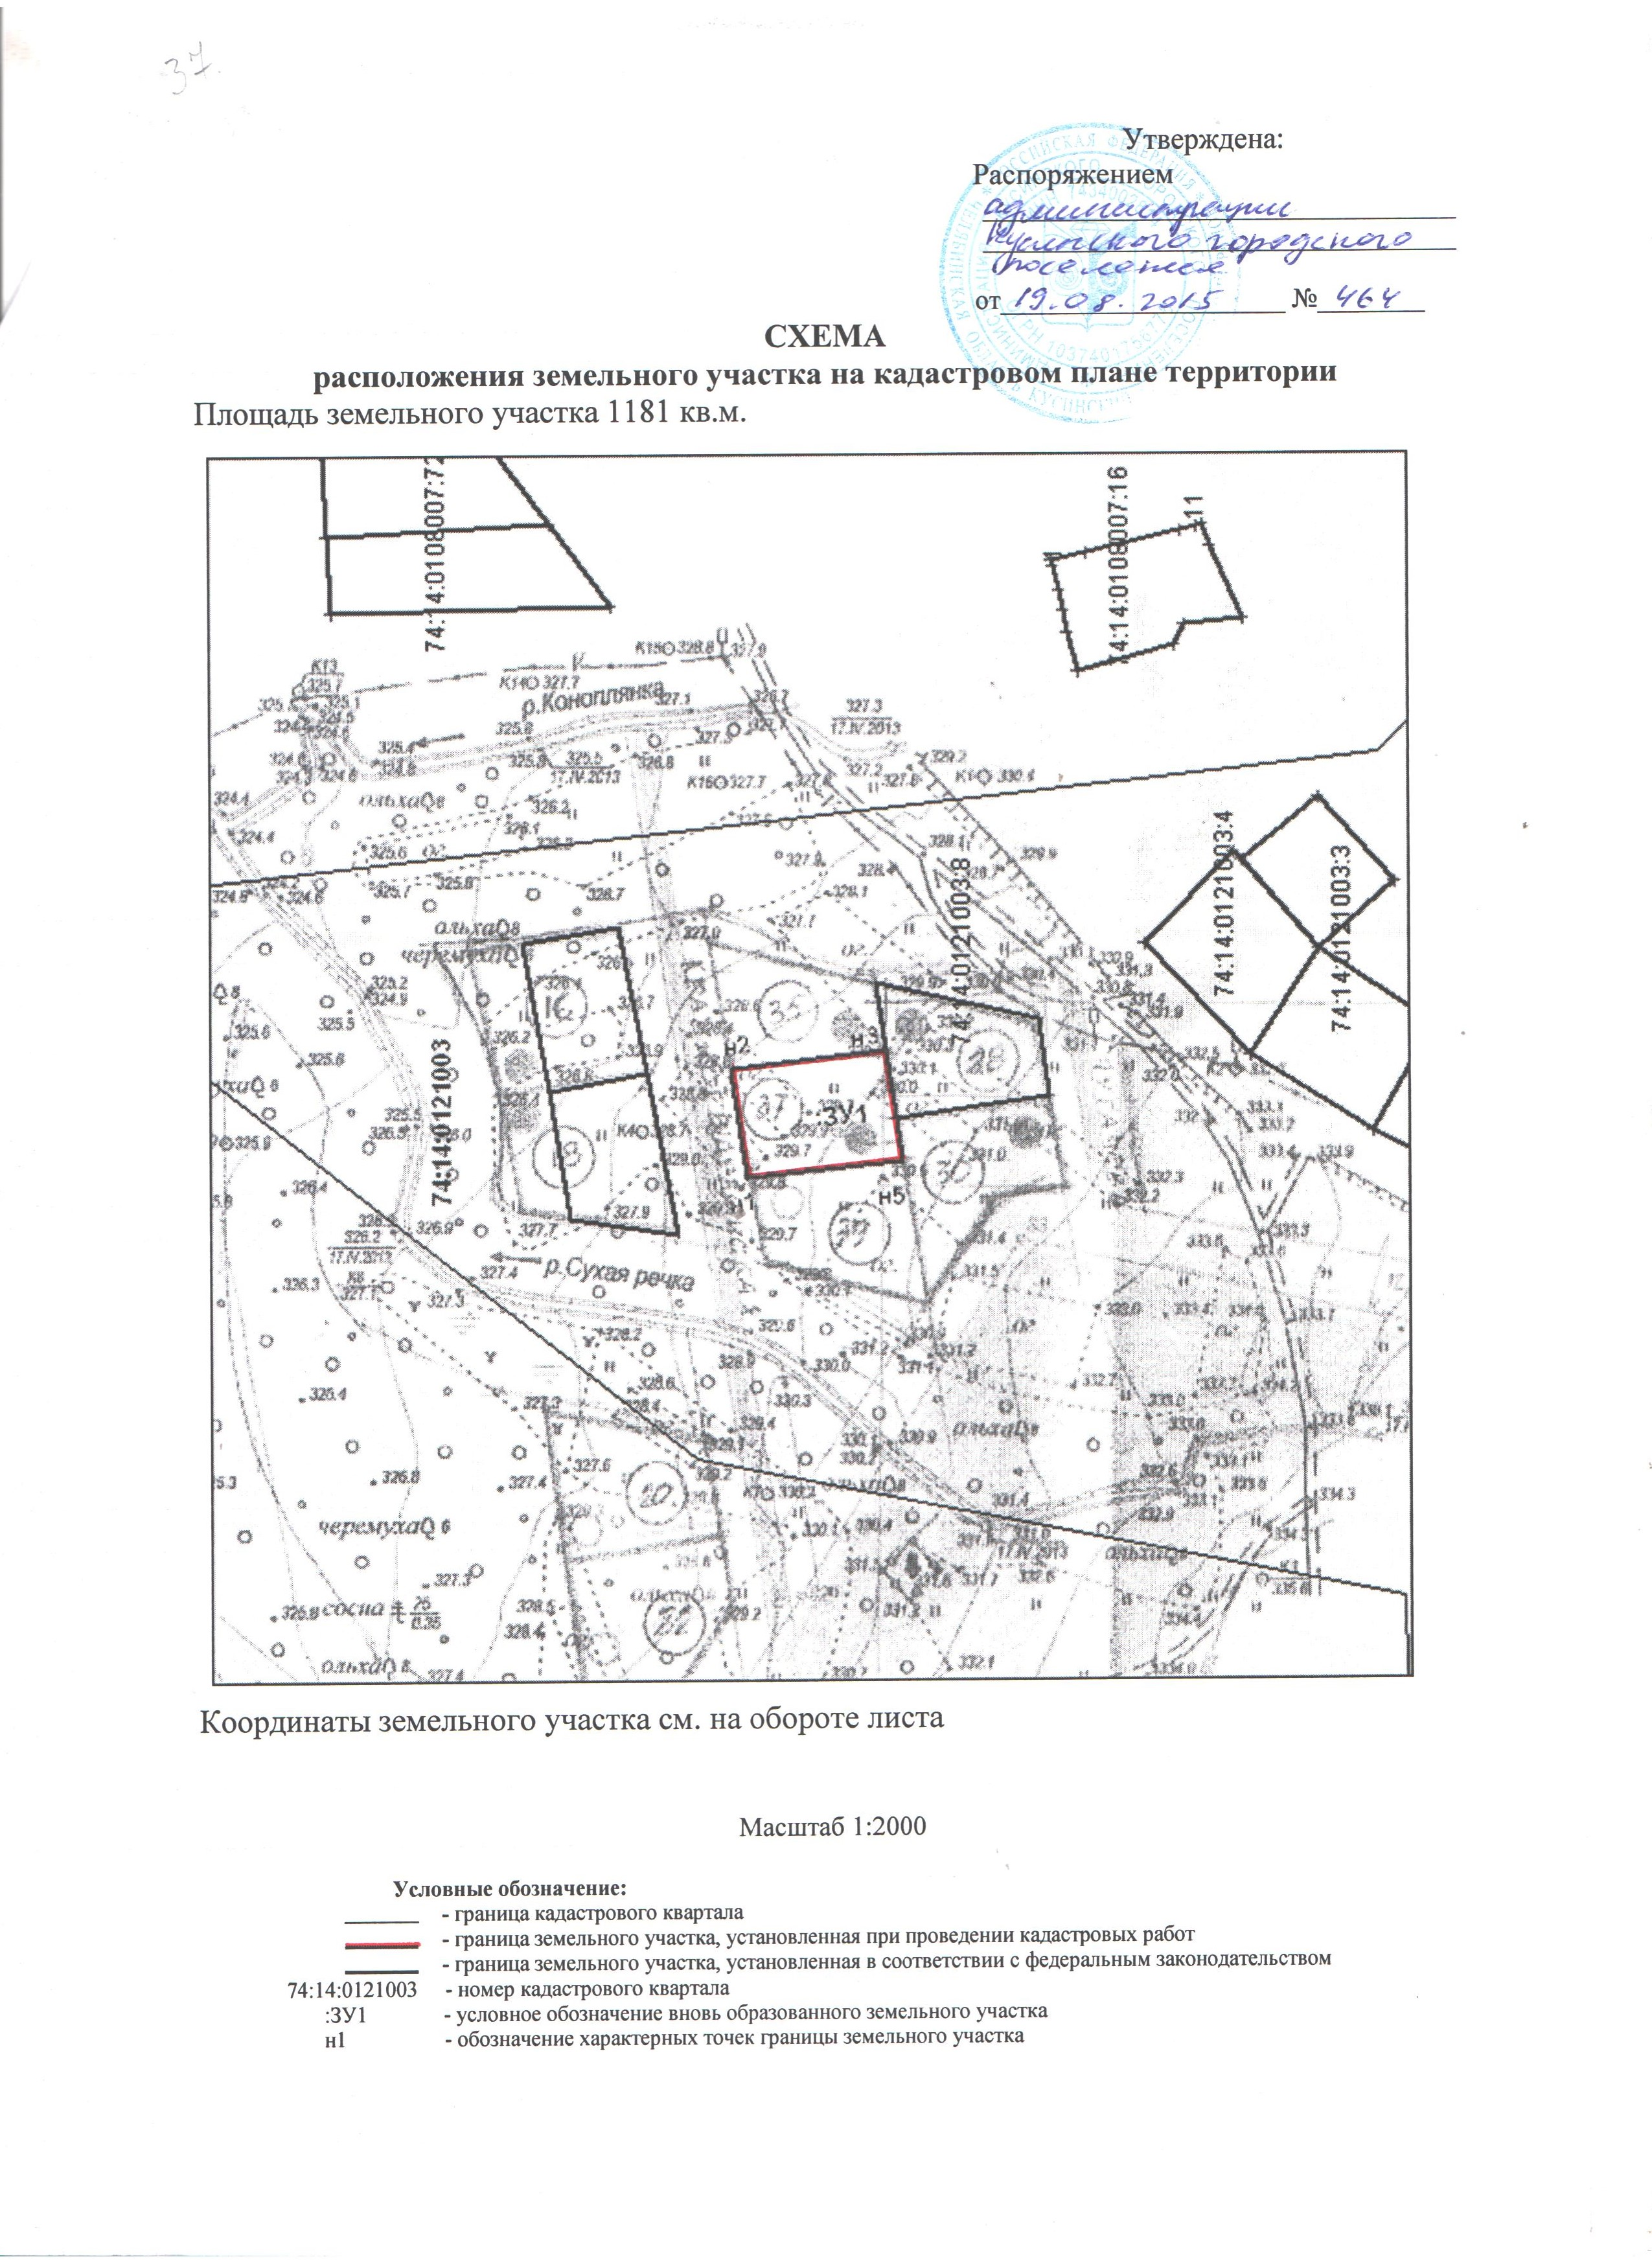 Отказ в согласовании схемы расположения земельного участка